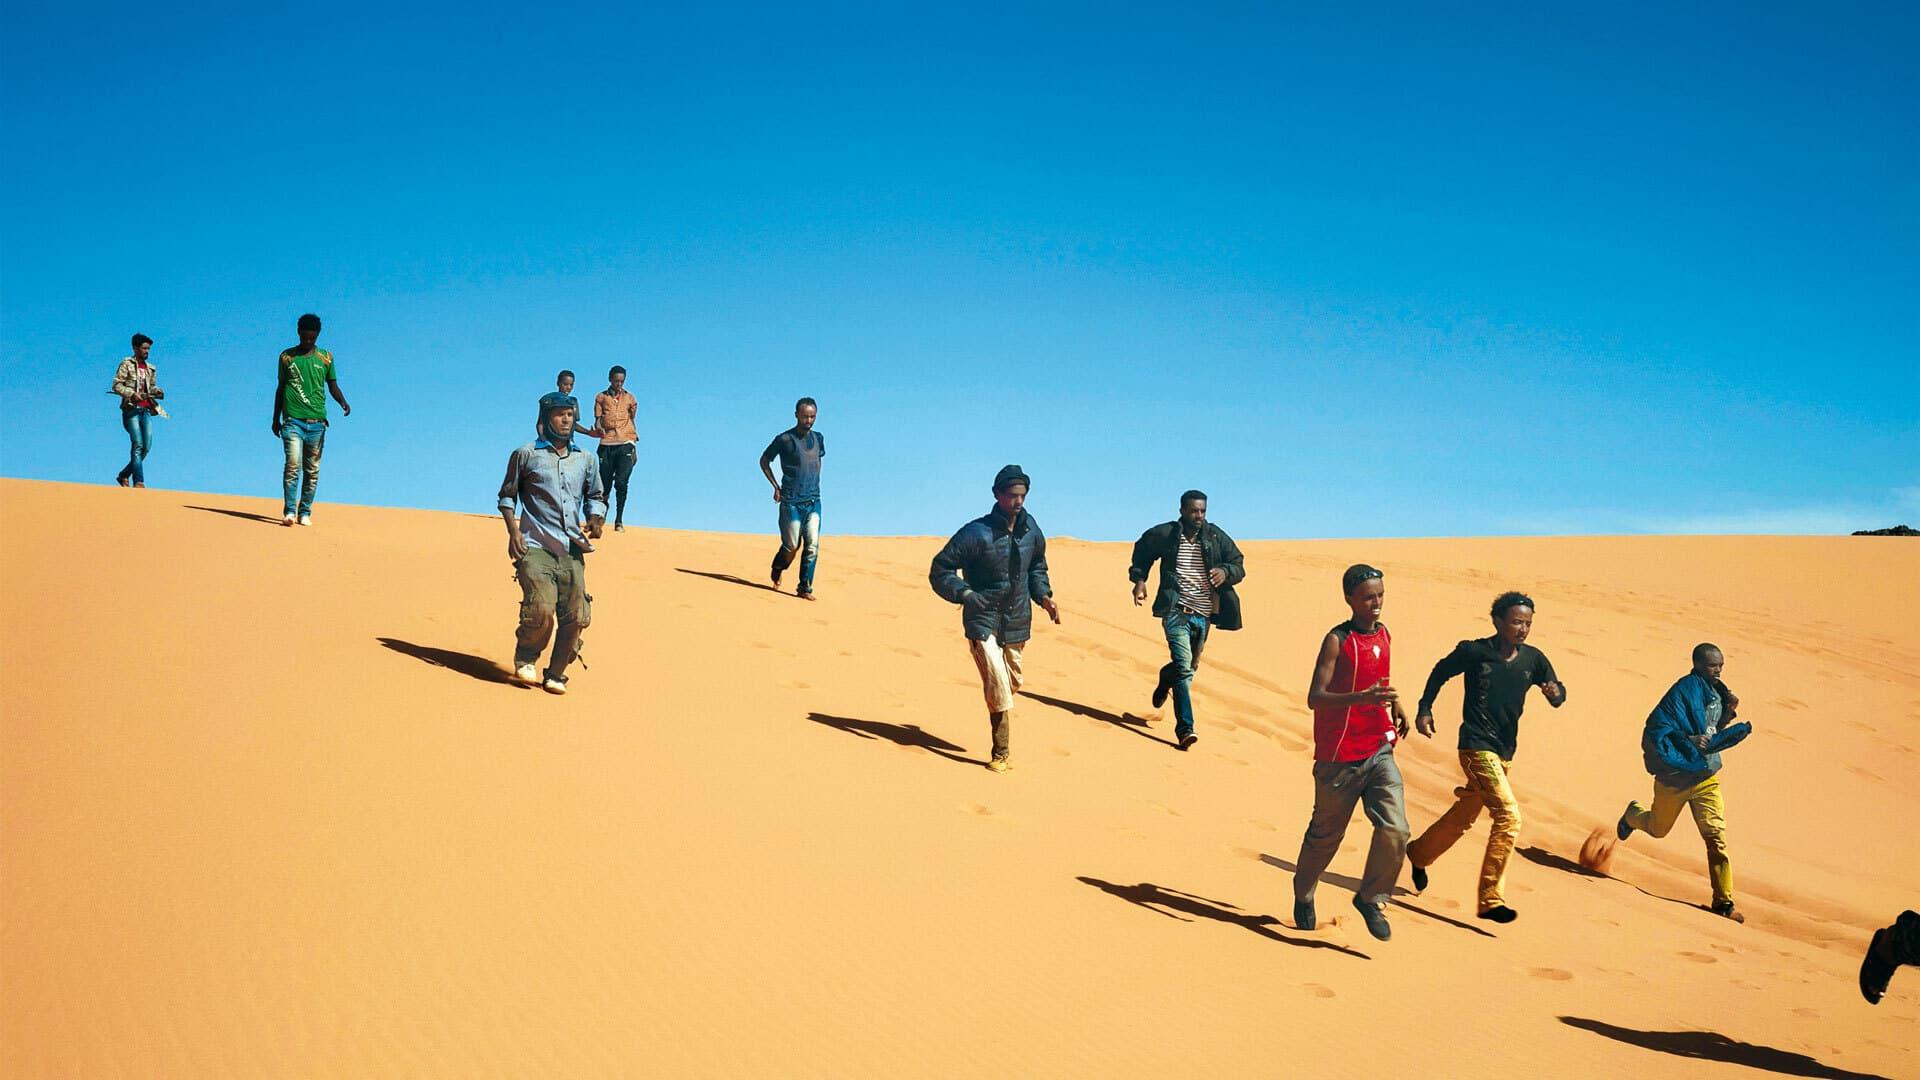 Schwarze Menschen rennen in der Wüste